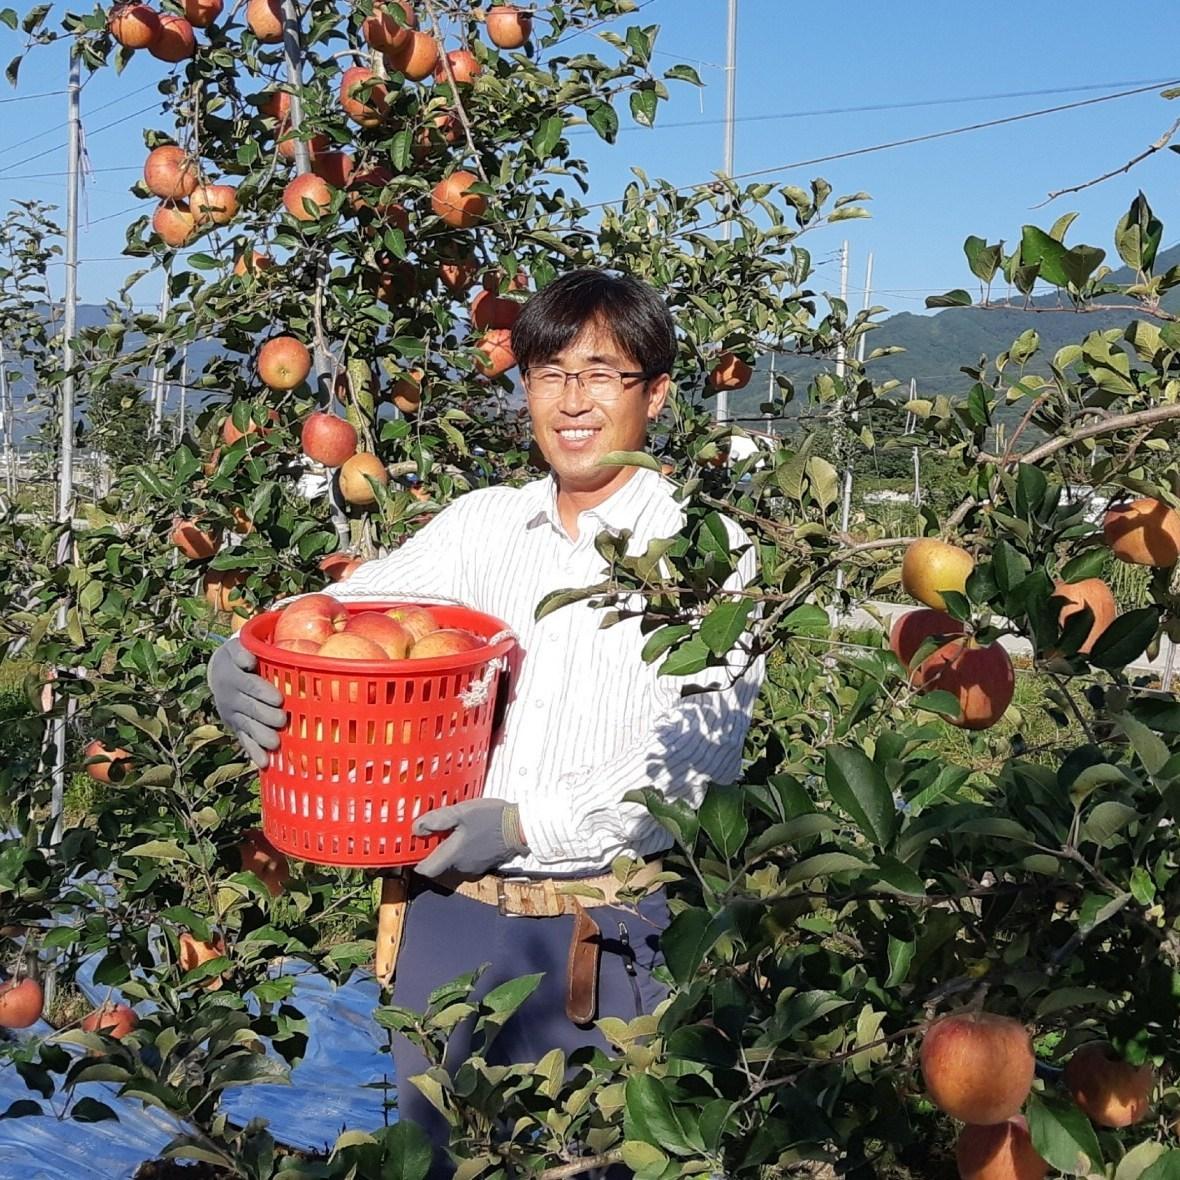 [사과삼촌]장수사과 햇사과(흠과-무선별) 5KG 8KG, 홍로 흠과(무선별)5KG